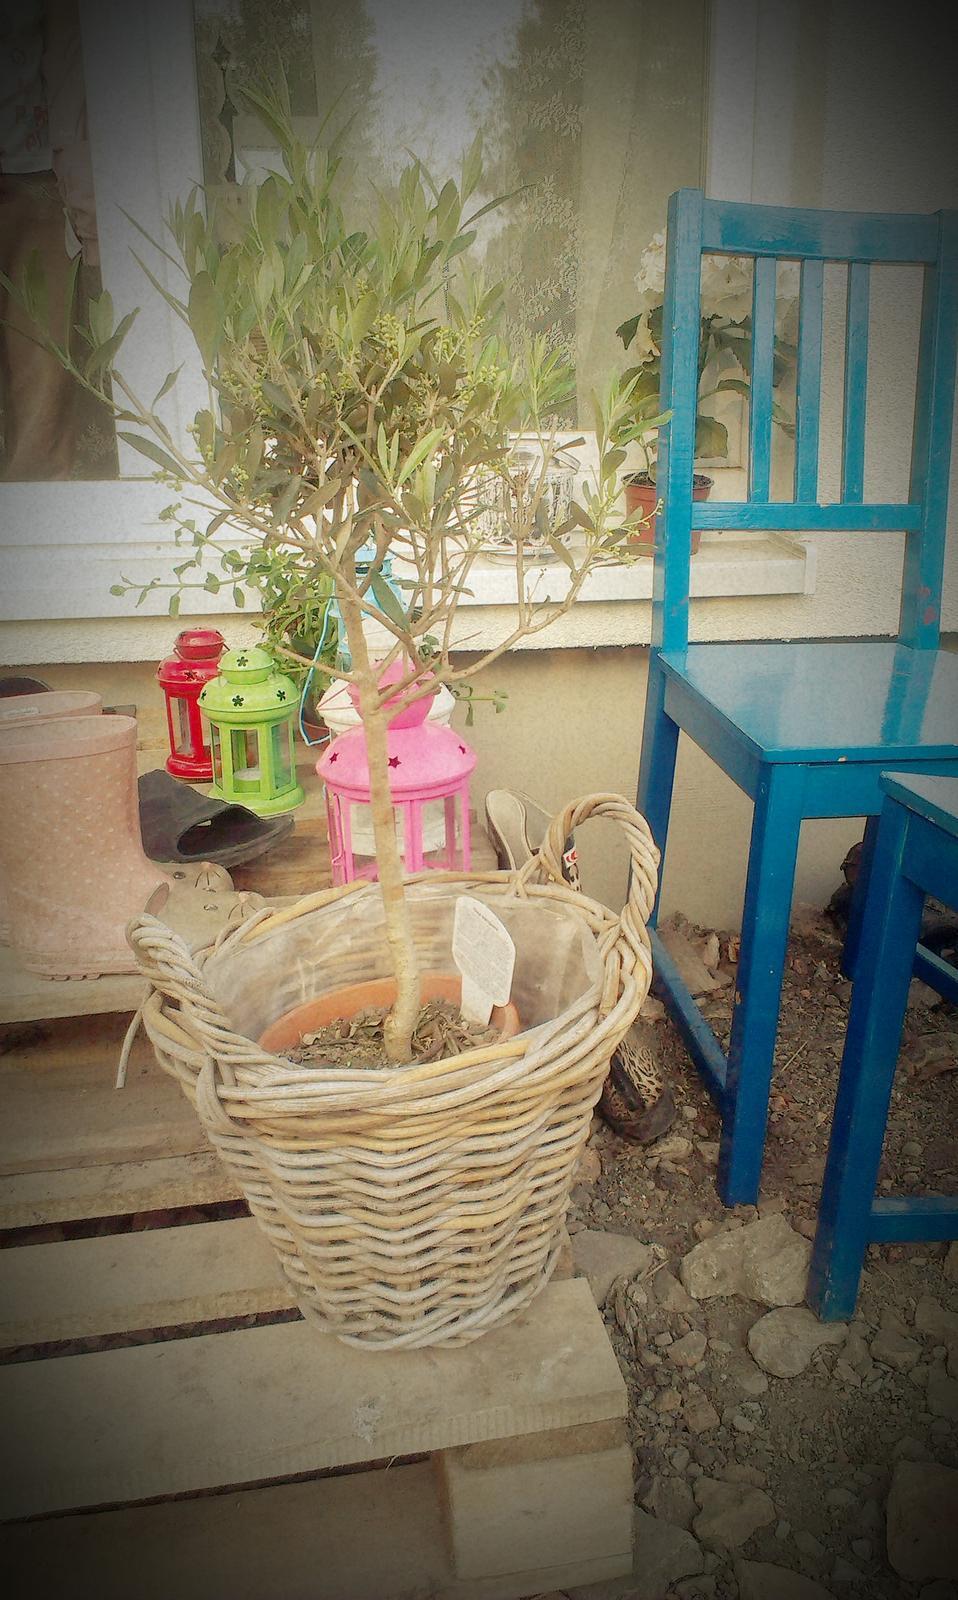 Záhrada - Vytúžená oliva - konečne sa mi ju podarilo zohnať, ešte aby u mňa prežila :-)